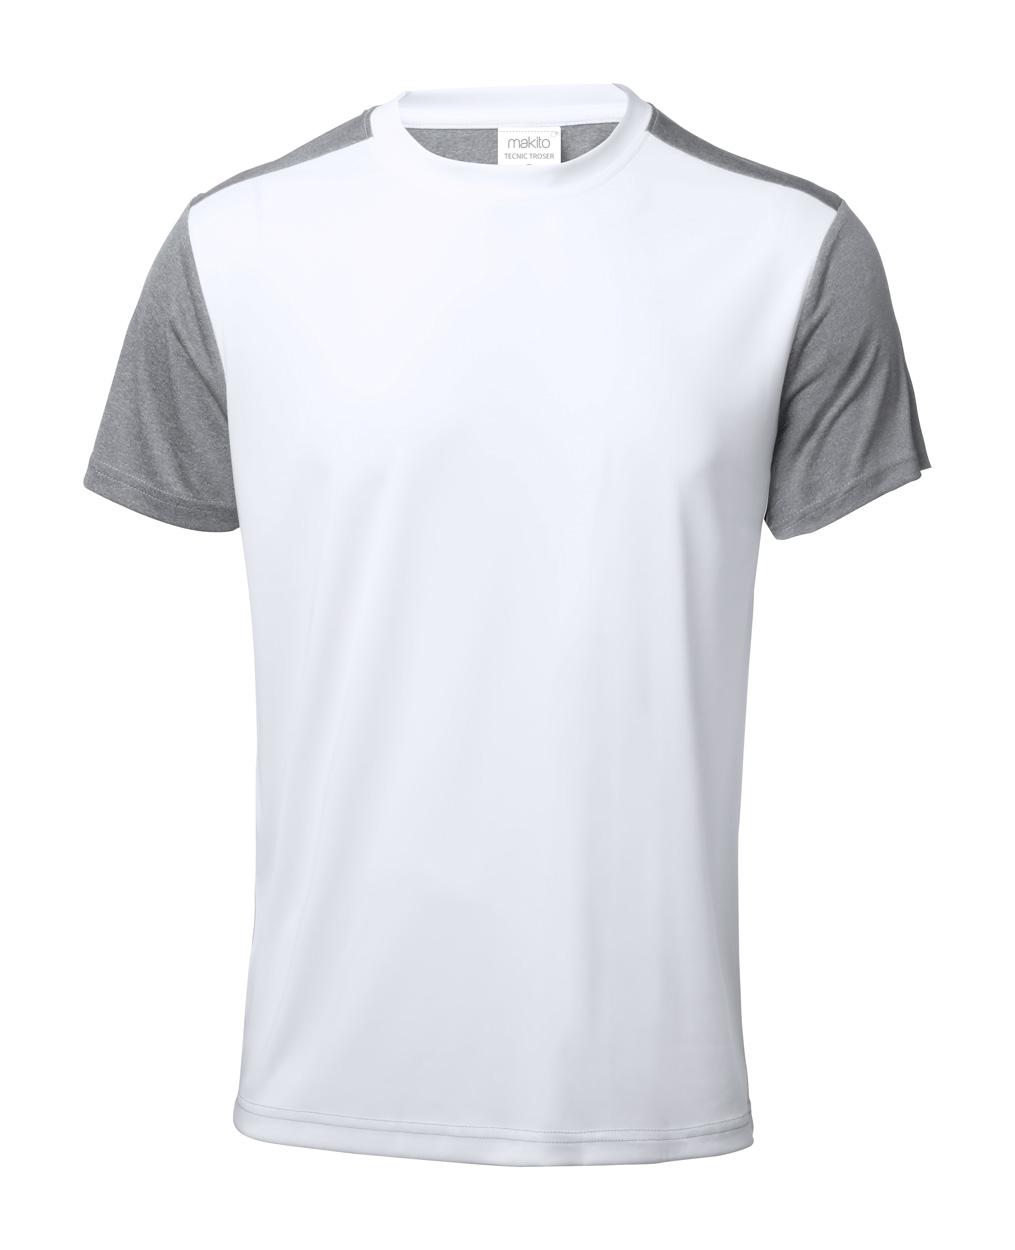 Tecnic Troser sport T-shirt